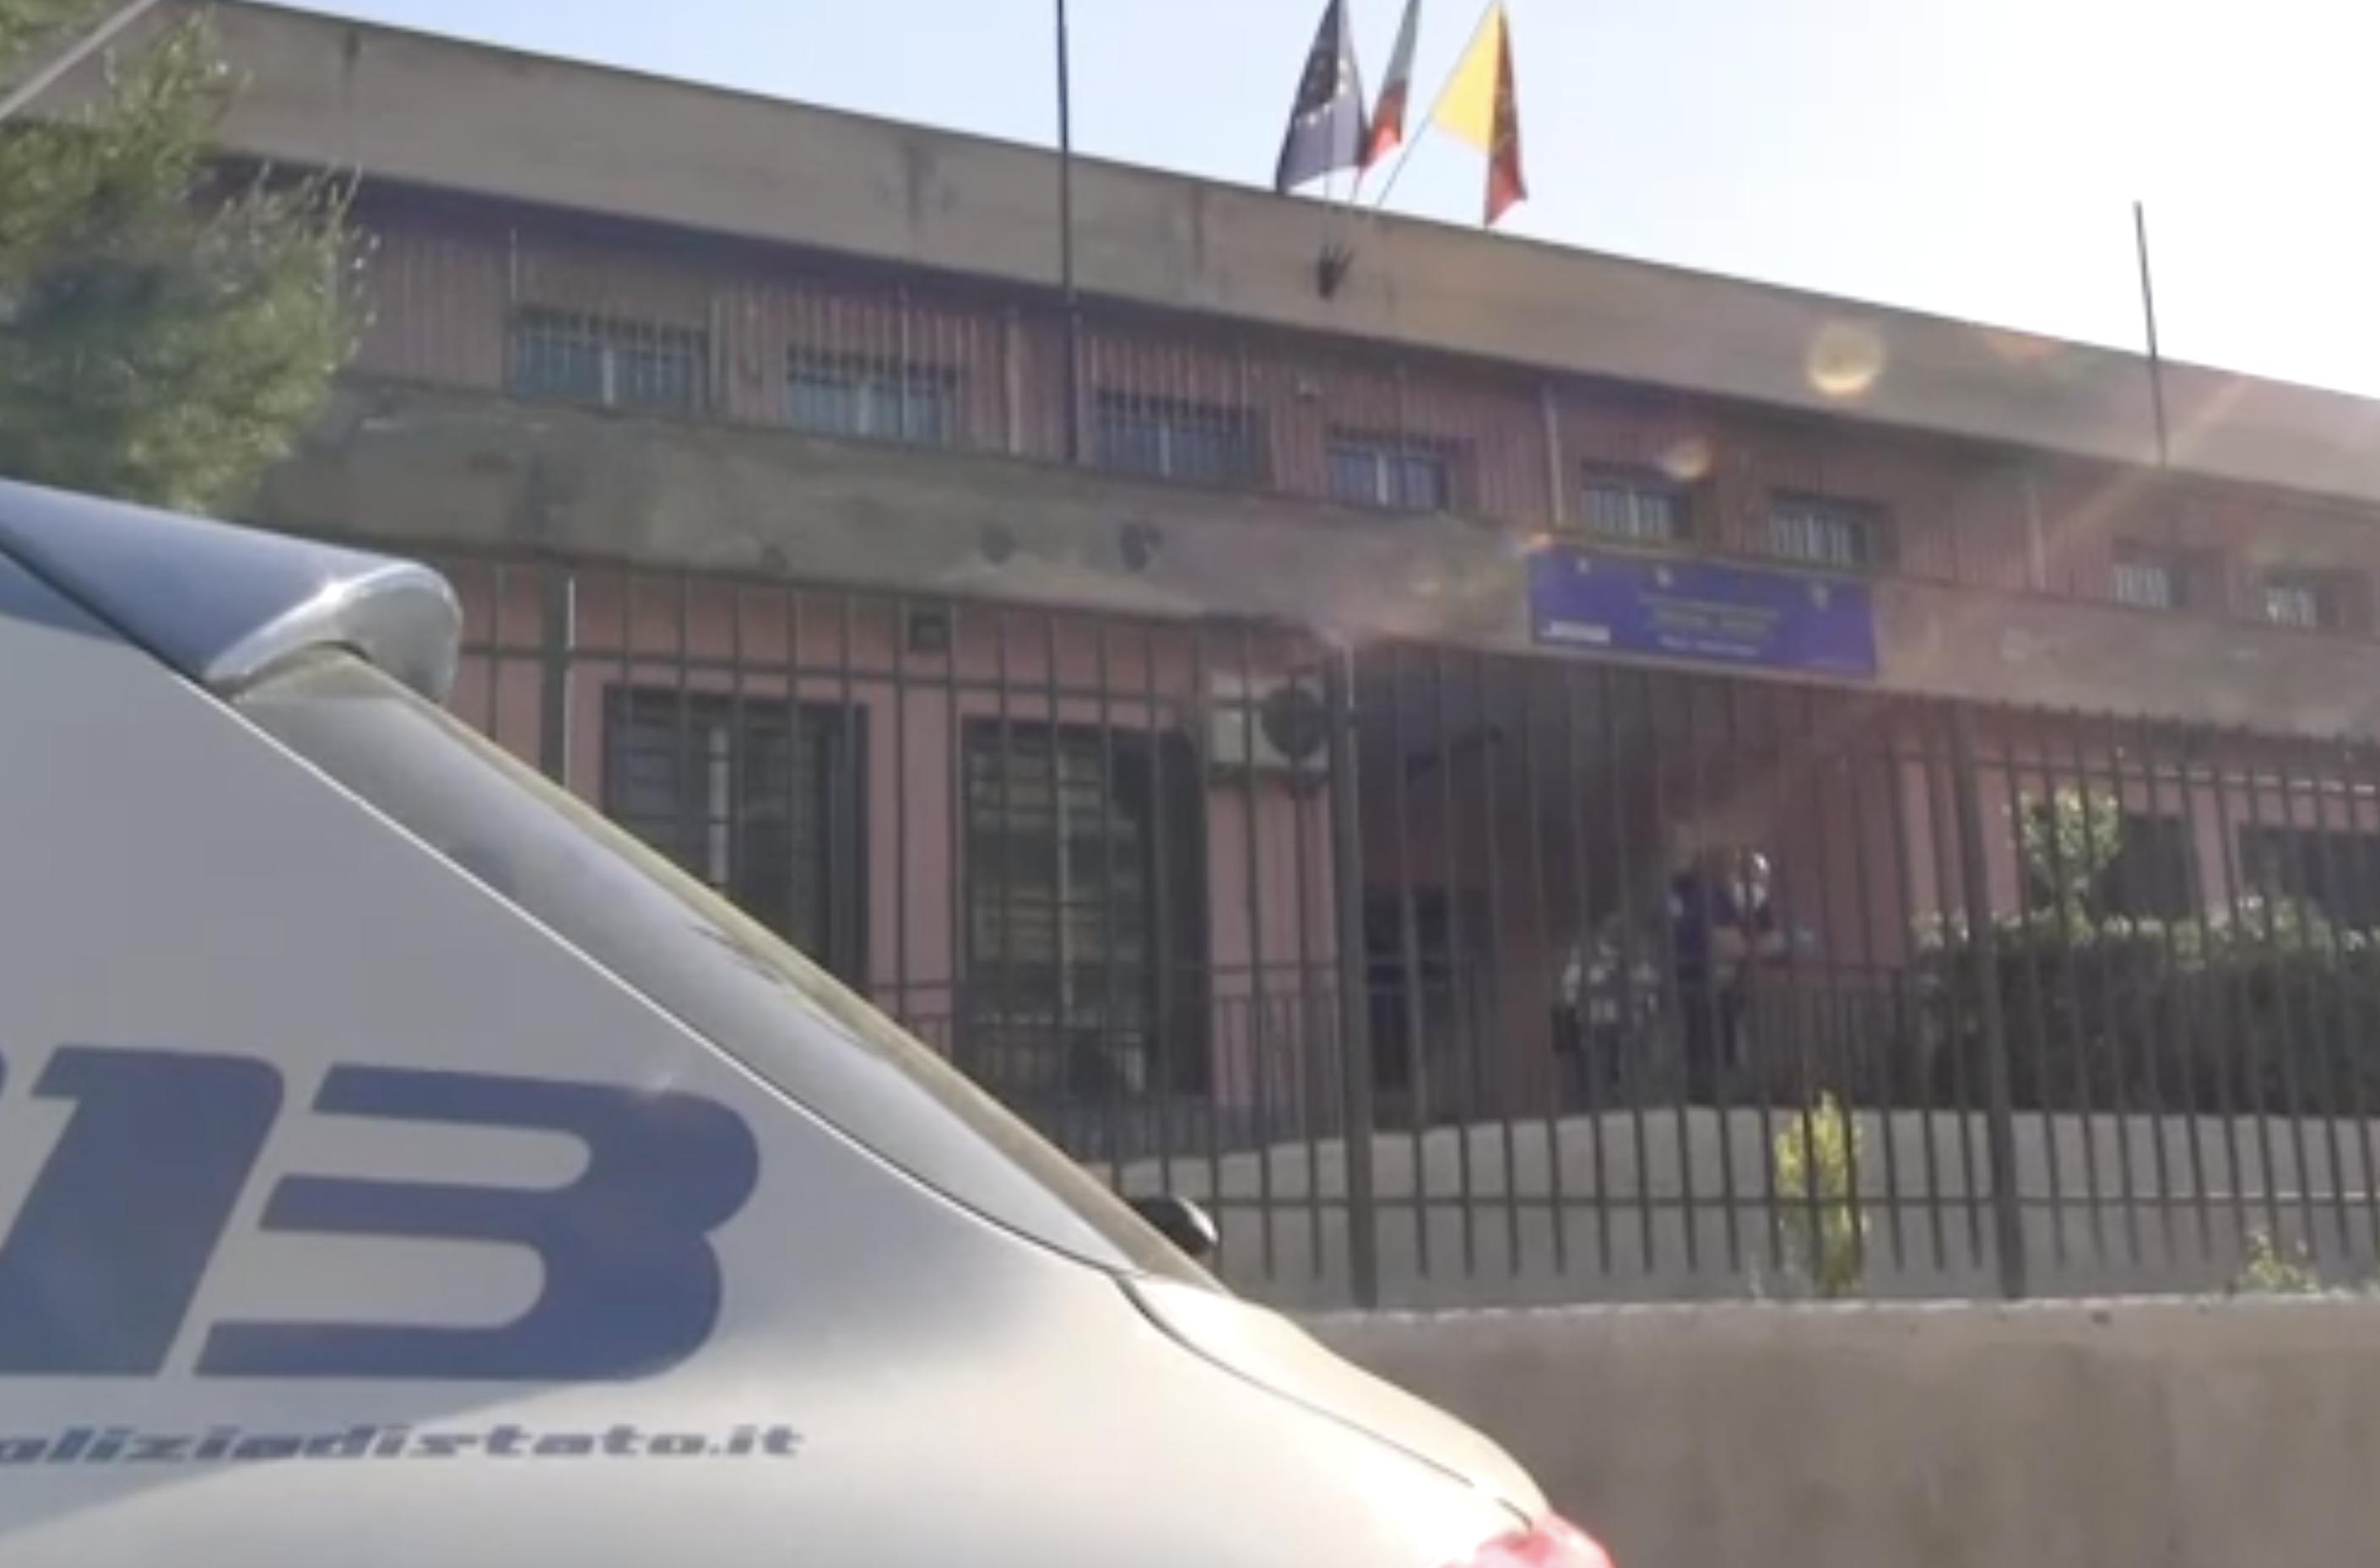 Distrutta scuola a Palermo